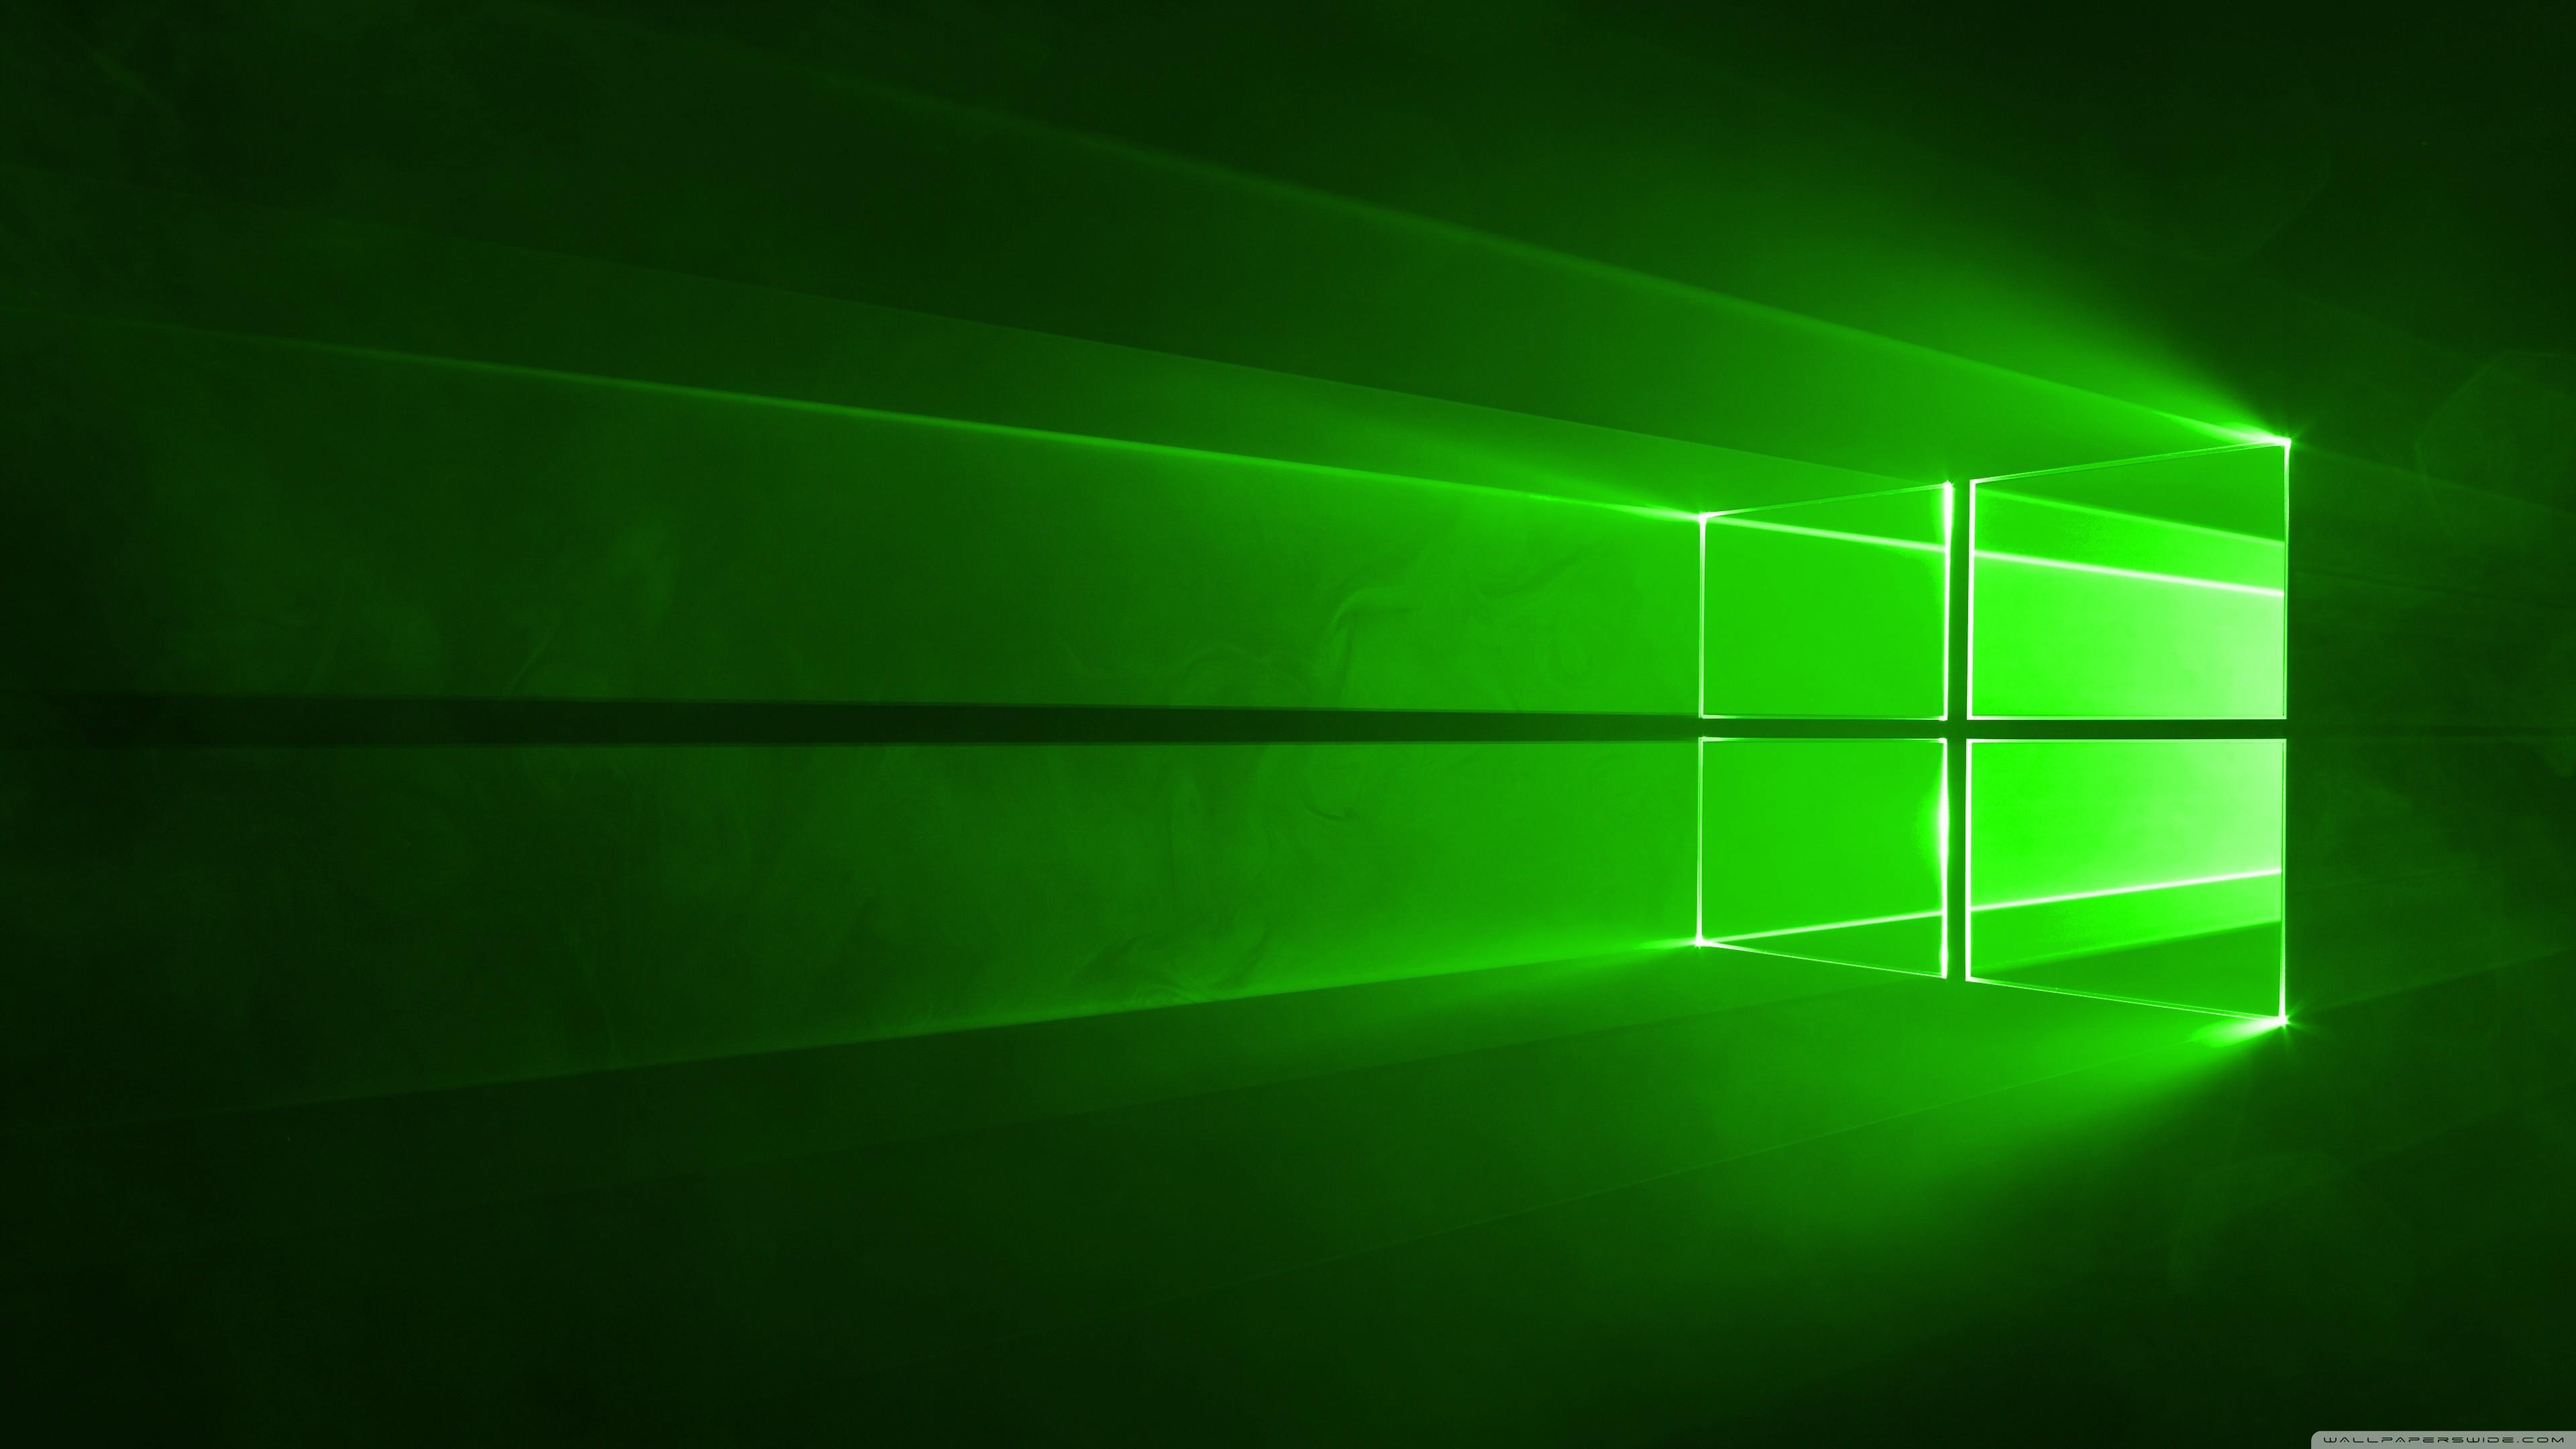 Green Windows 10 Wallpaper